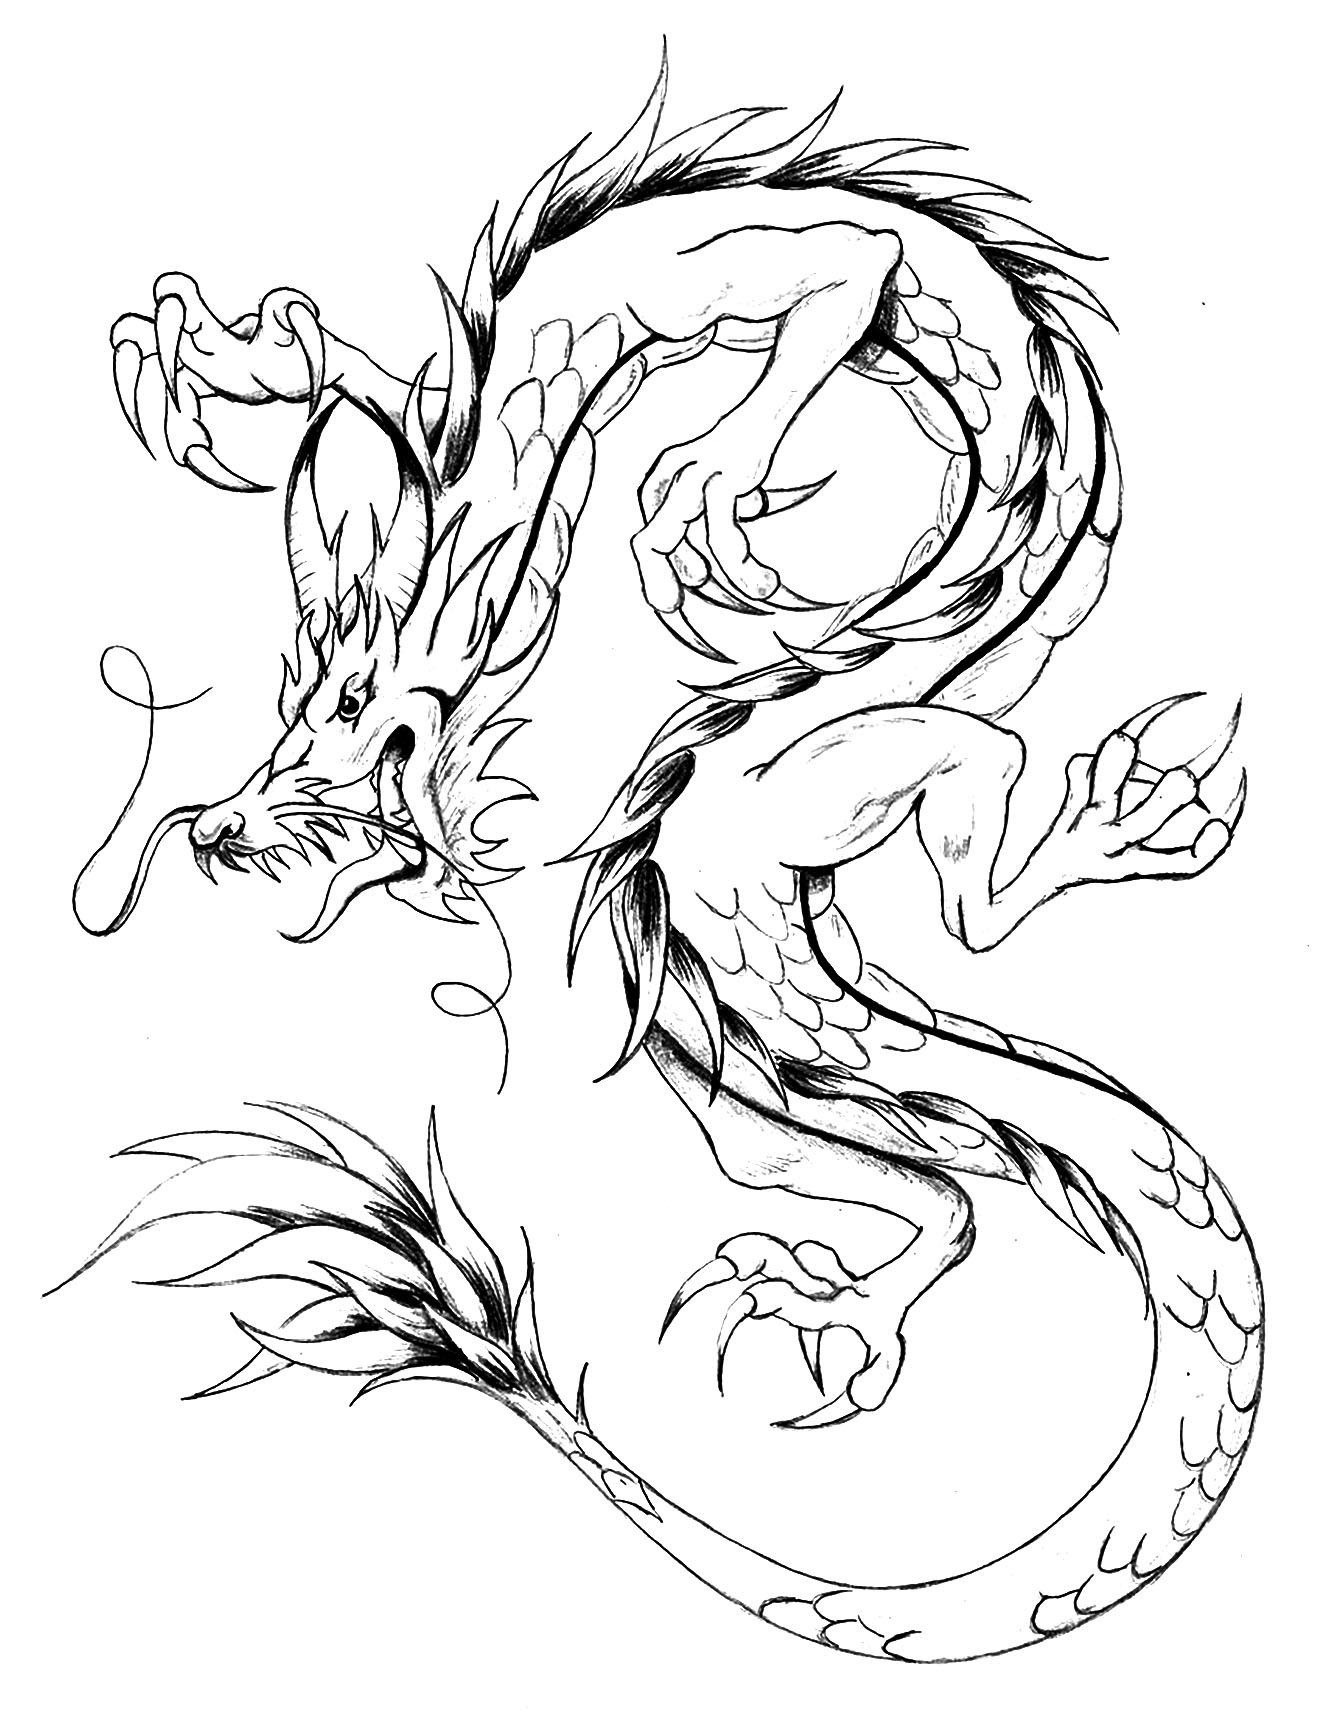 Un coloriage facile de dragon, style japonais